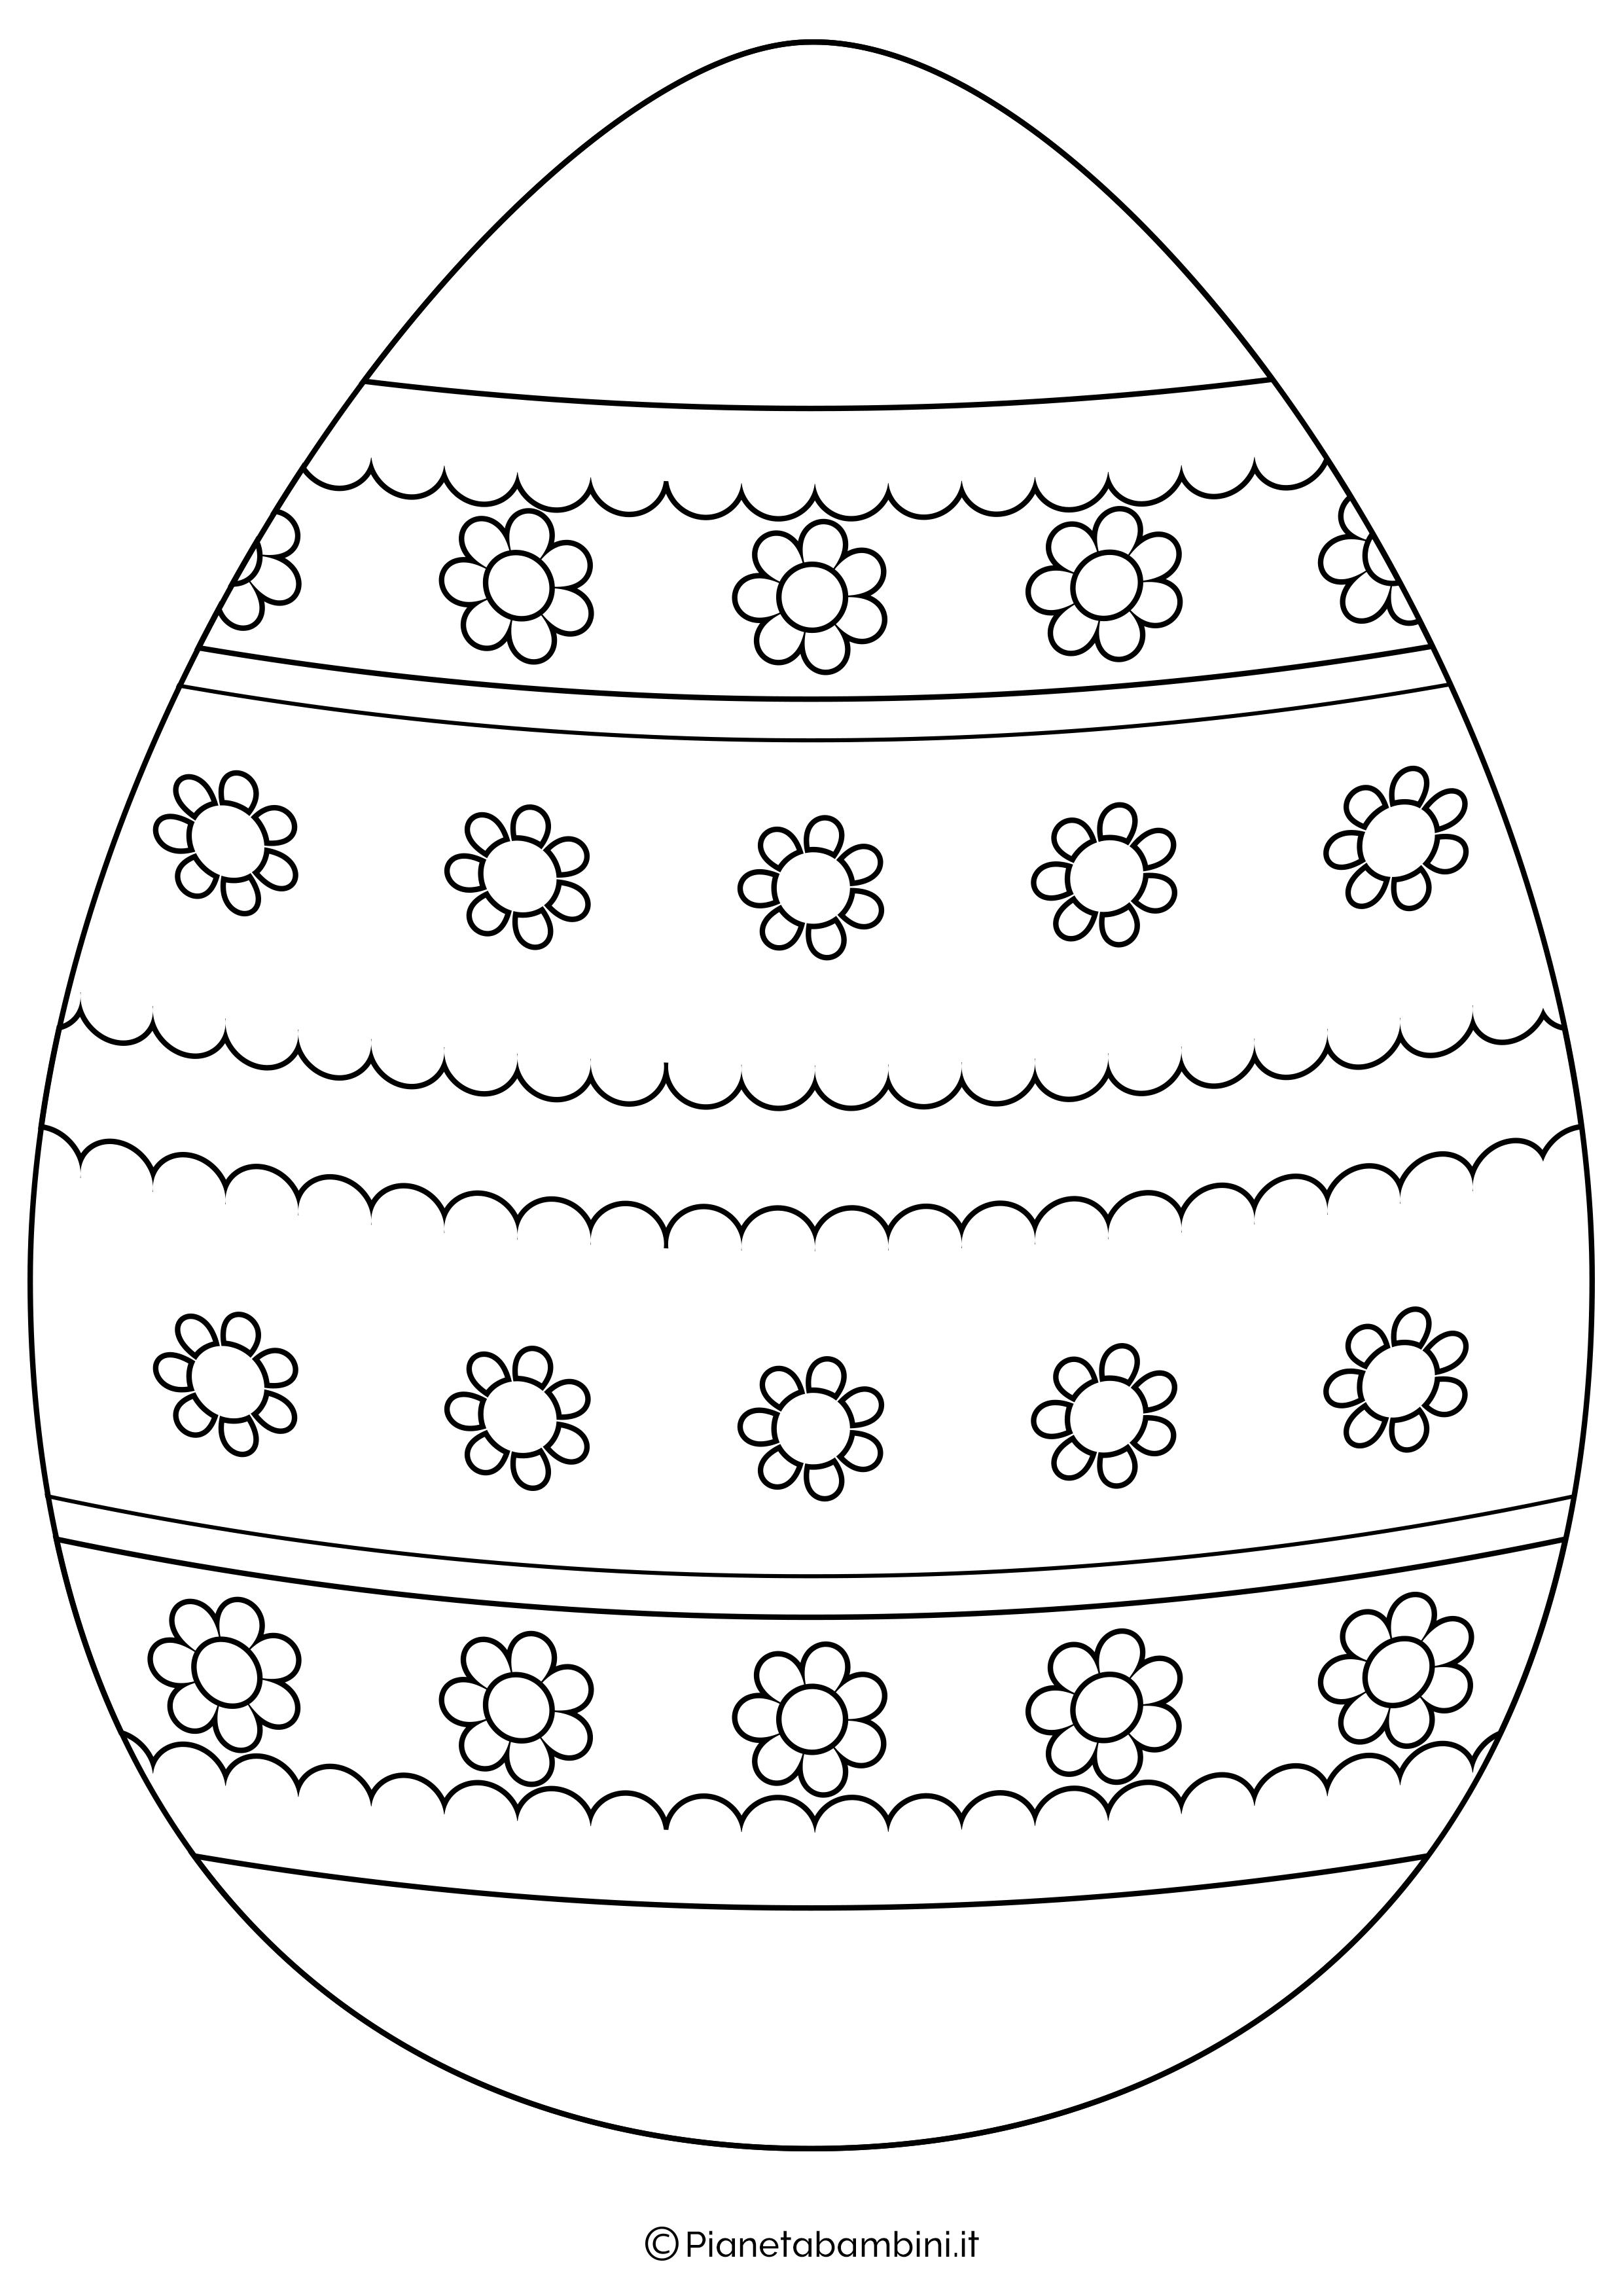 Disegno-Uova-Pasqua-04